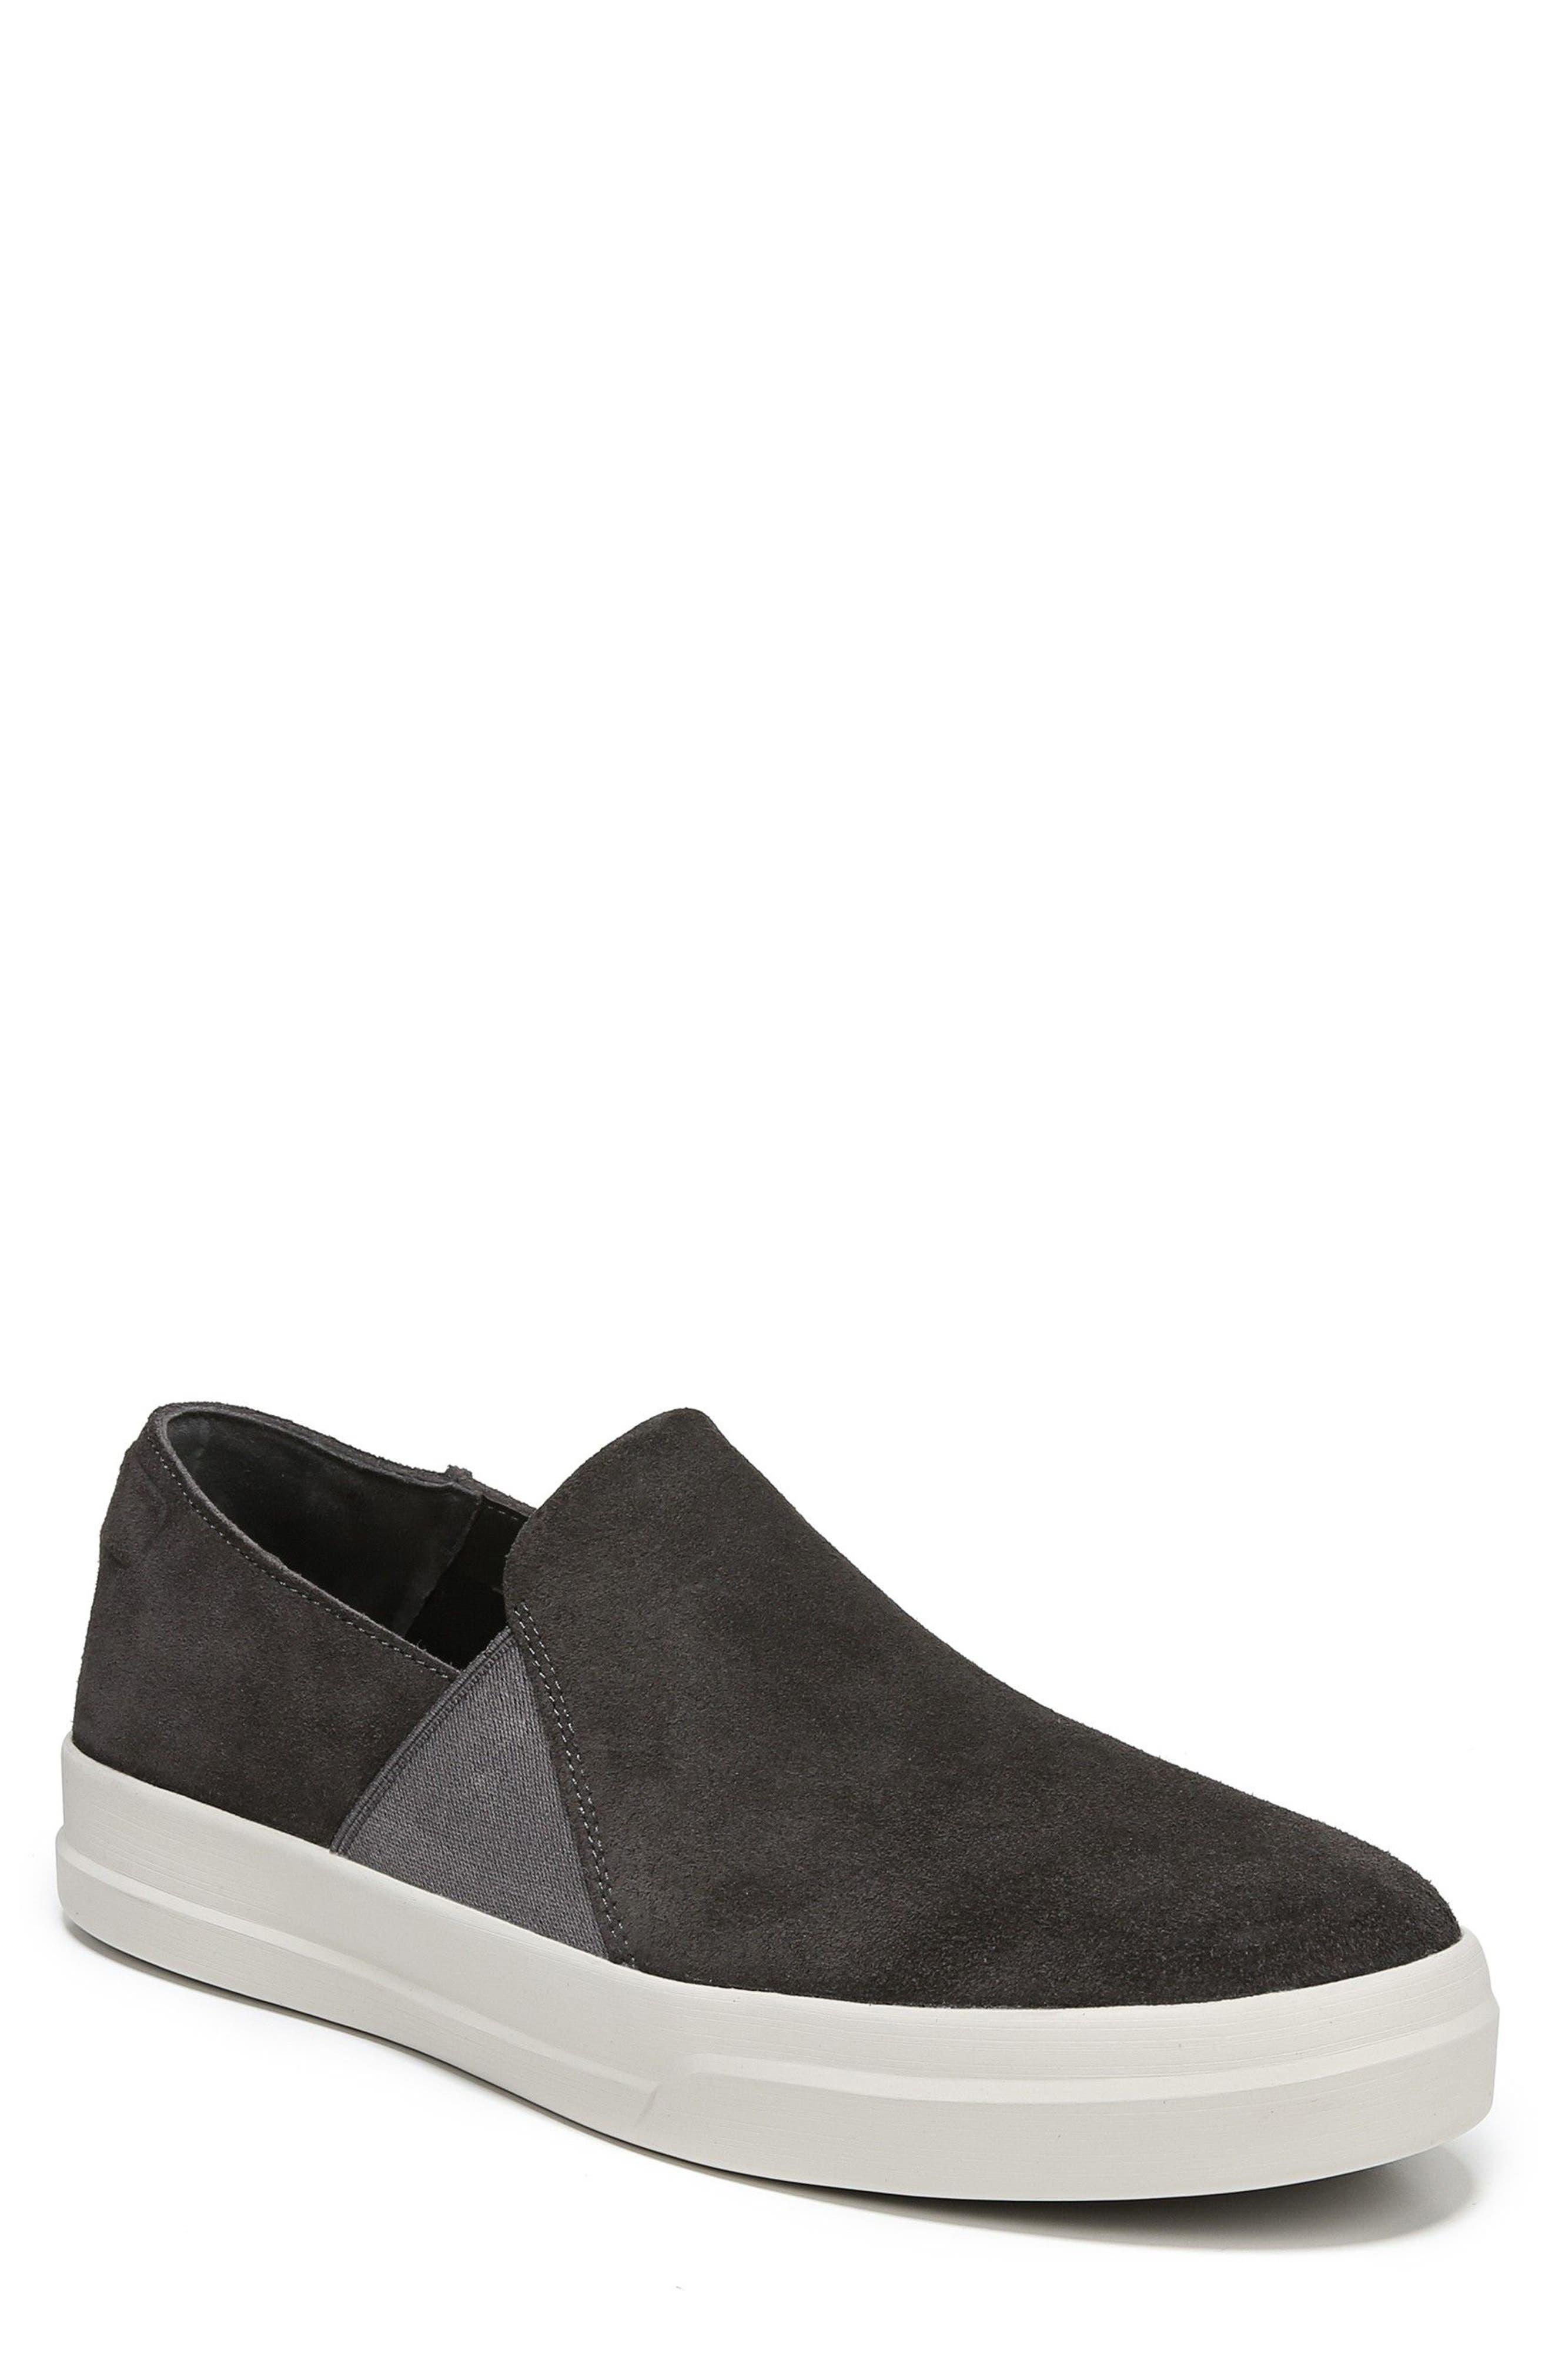 Carlin Slip-On Sneaker,                         Main,                         color, 020